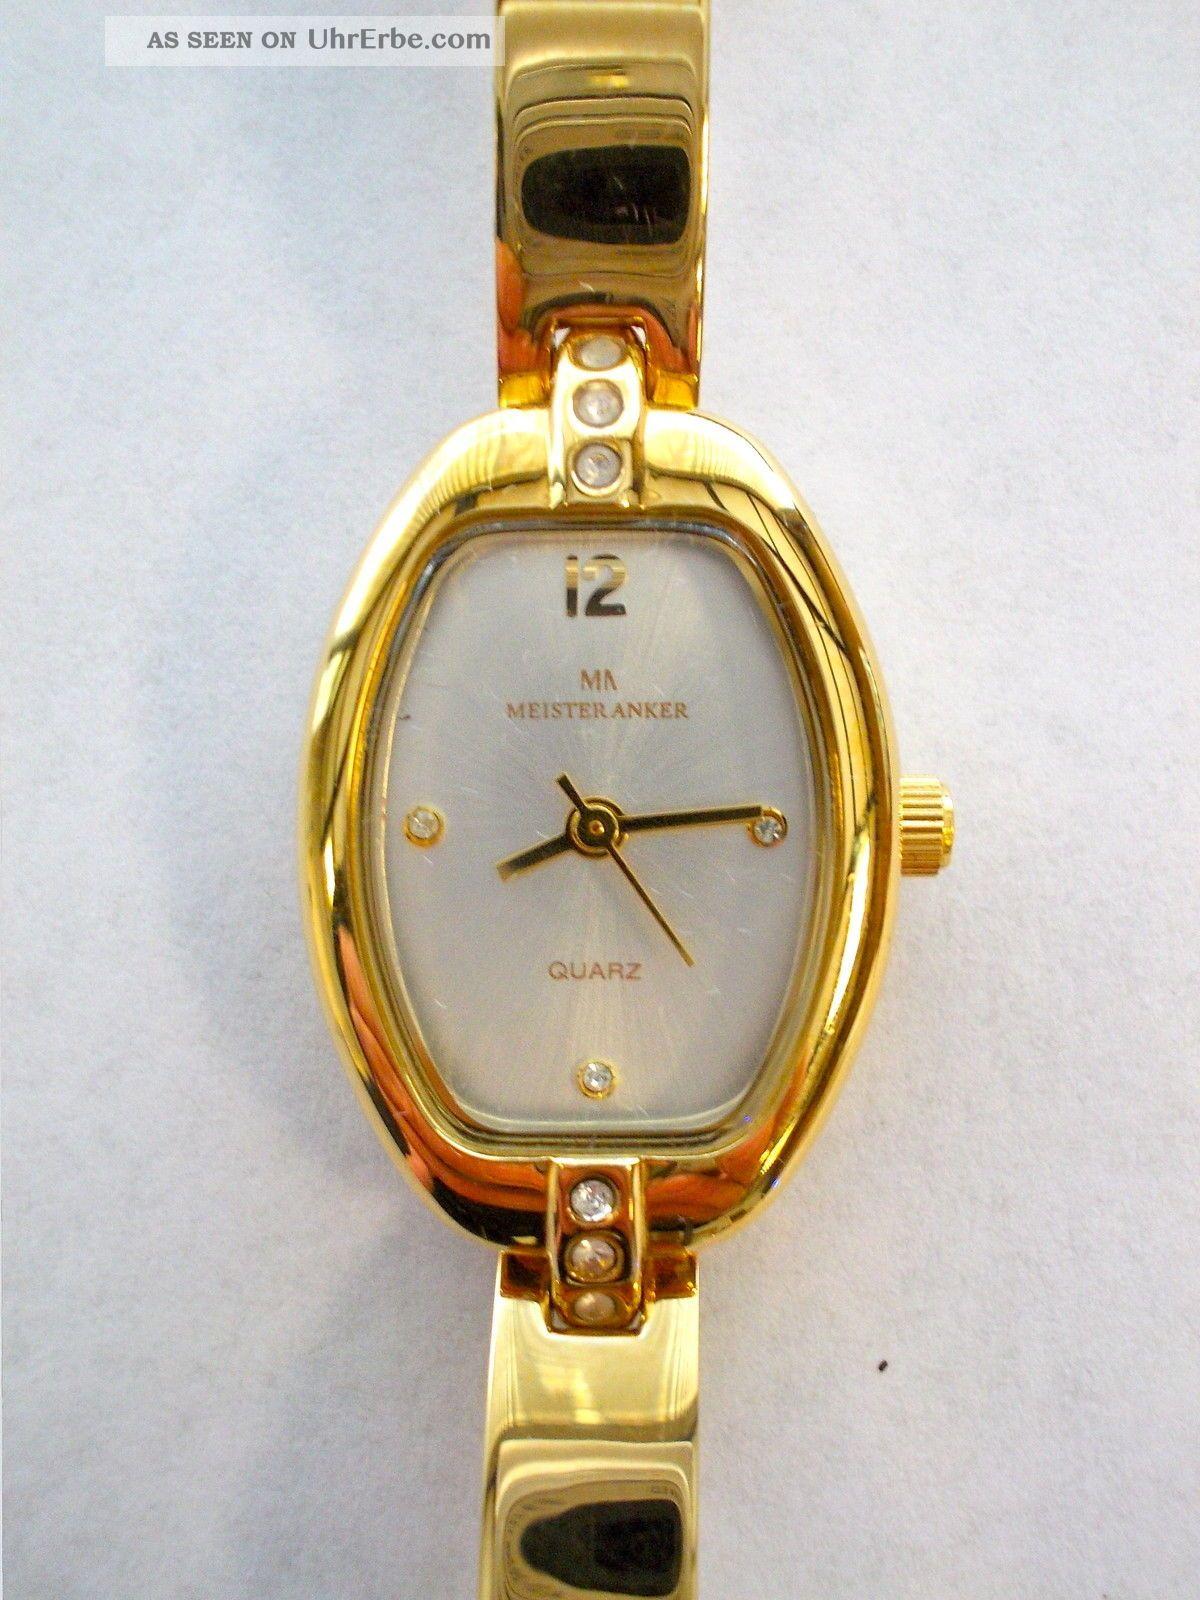 vergoldete meister anker 087 152 5 243 quarz damenuhr armband uhr edelstahl. Black Bedroom Furniture Sets. Home Design Ideas